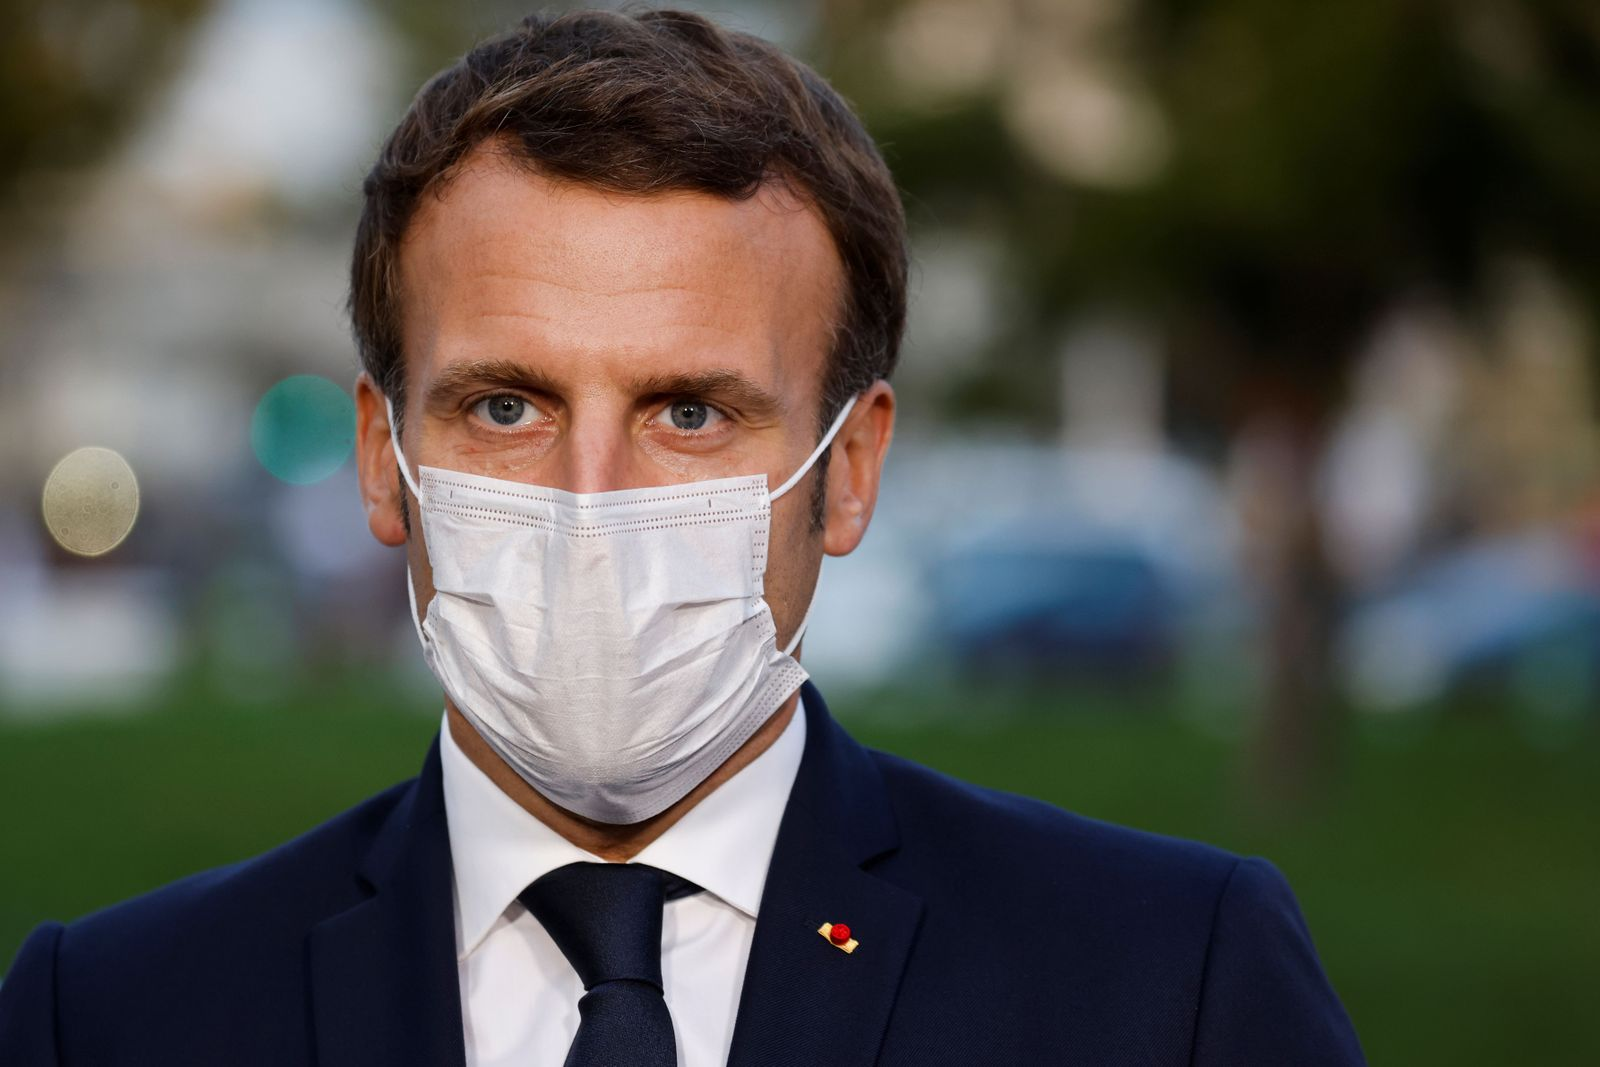 French President Emmanuel Macron at Rene Dubos hospital, Pontoise, France - 23 Oct 2020